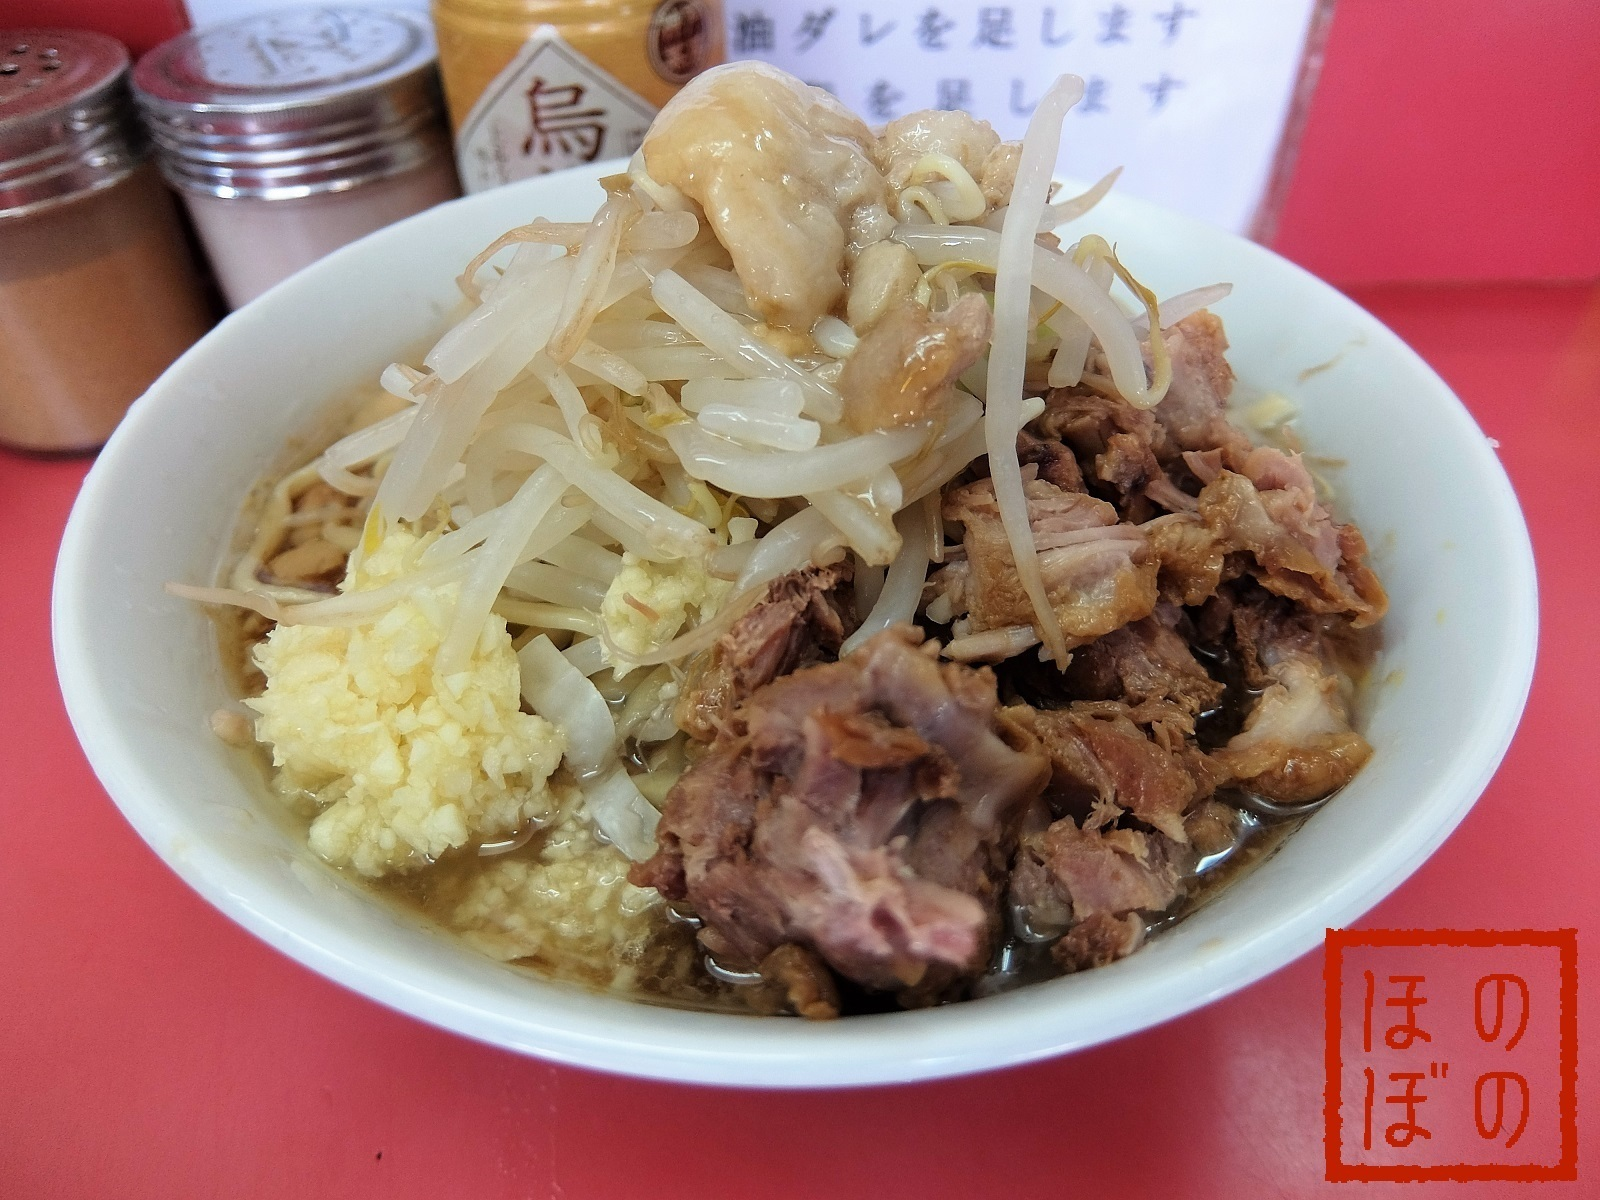 koiwa-jirou7.jpg